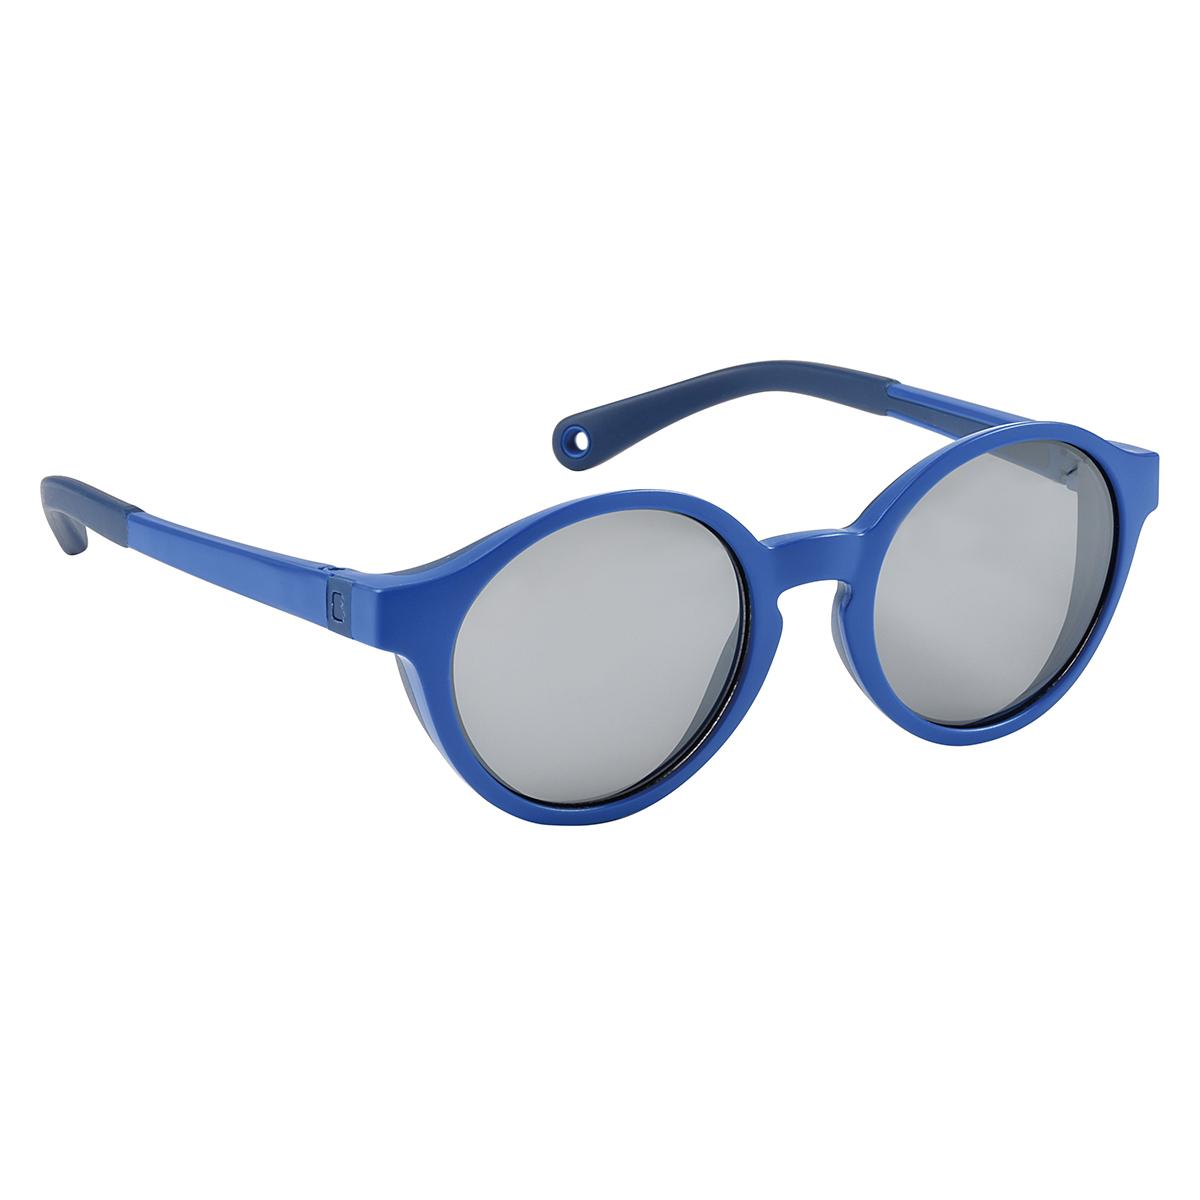 Accessoires bébé Lunettes de Soleil 2/4 Ans - Bleu Mazarine